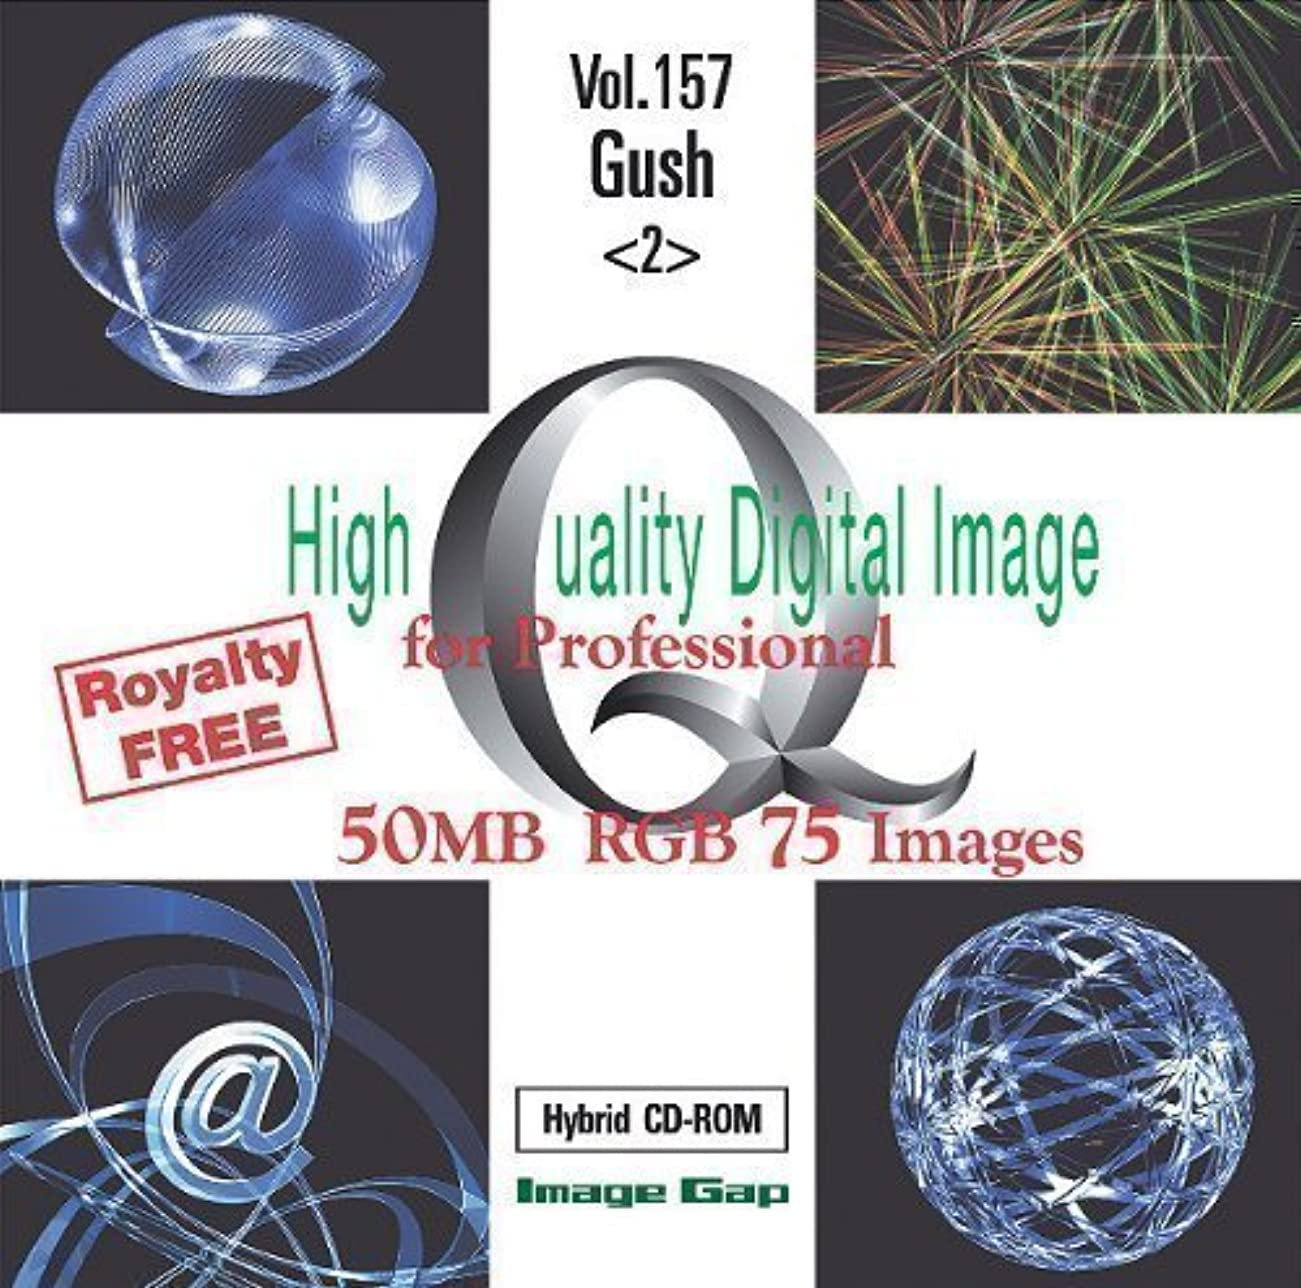 シンプトン失敗演じるHigh Quality Digital Image Gush <2>